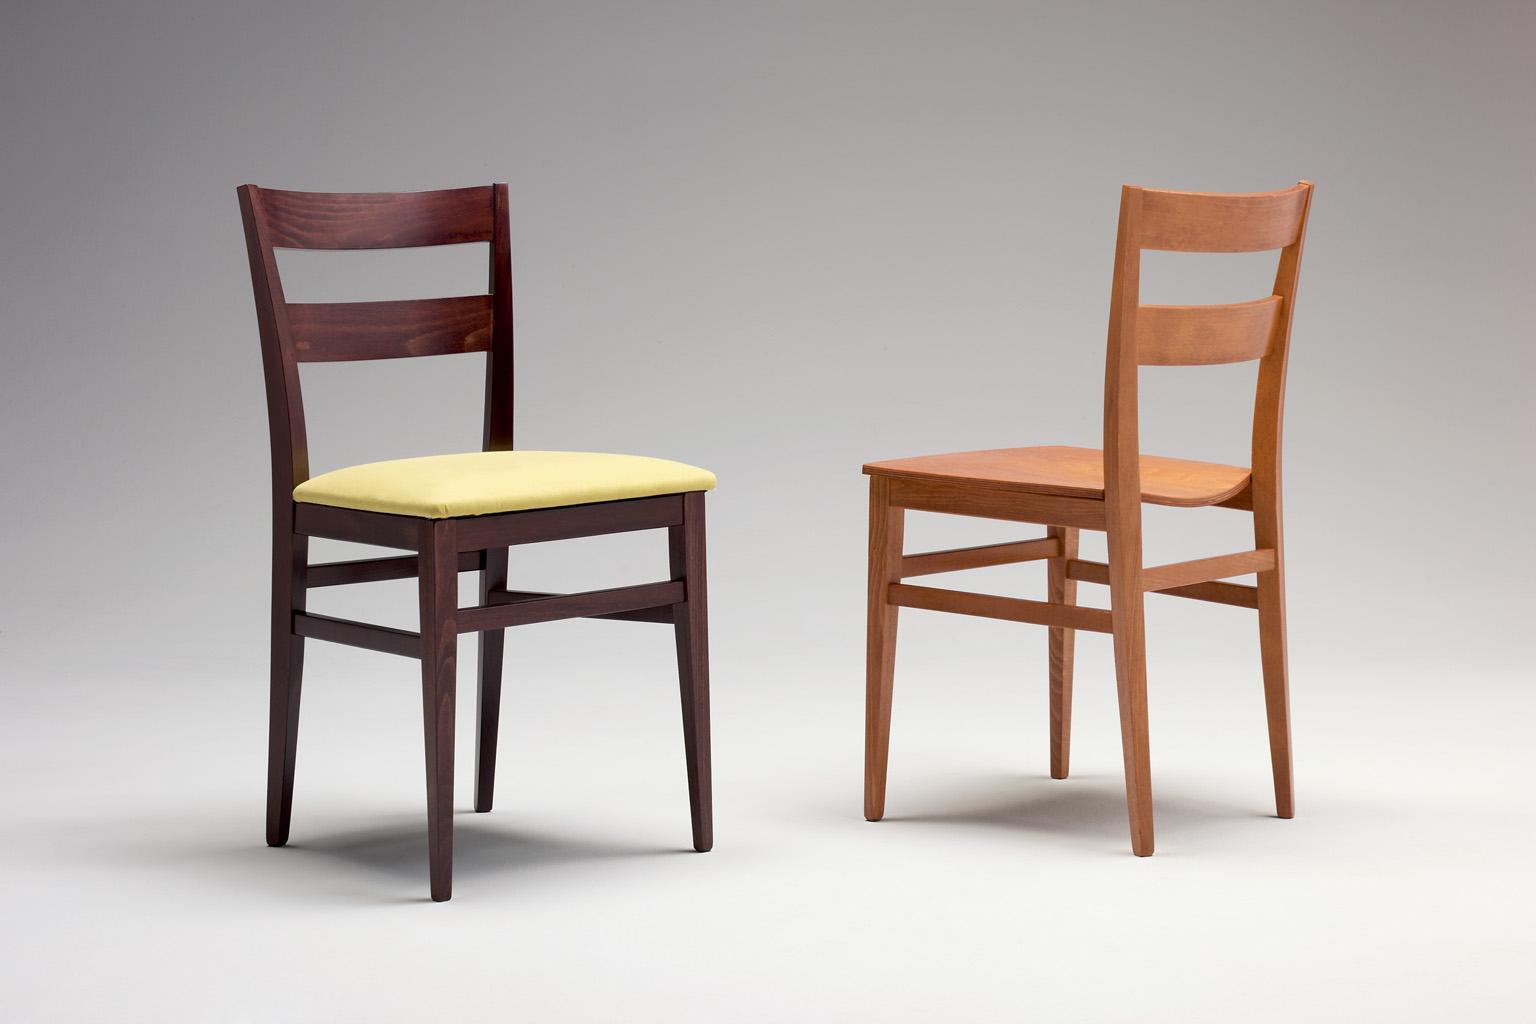 Sillas de comedor contempor neo 4 0 1000 0 piezas mensual for Ofertas de sillas de comedor